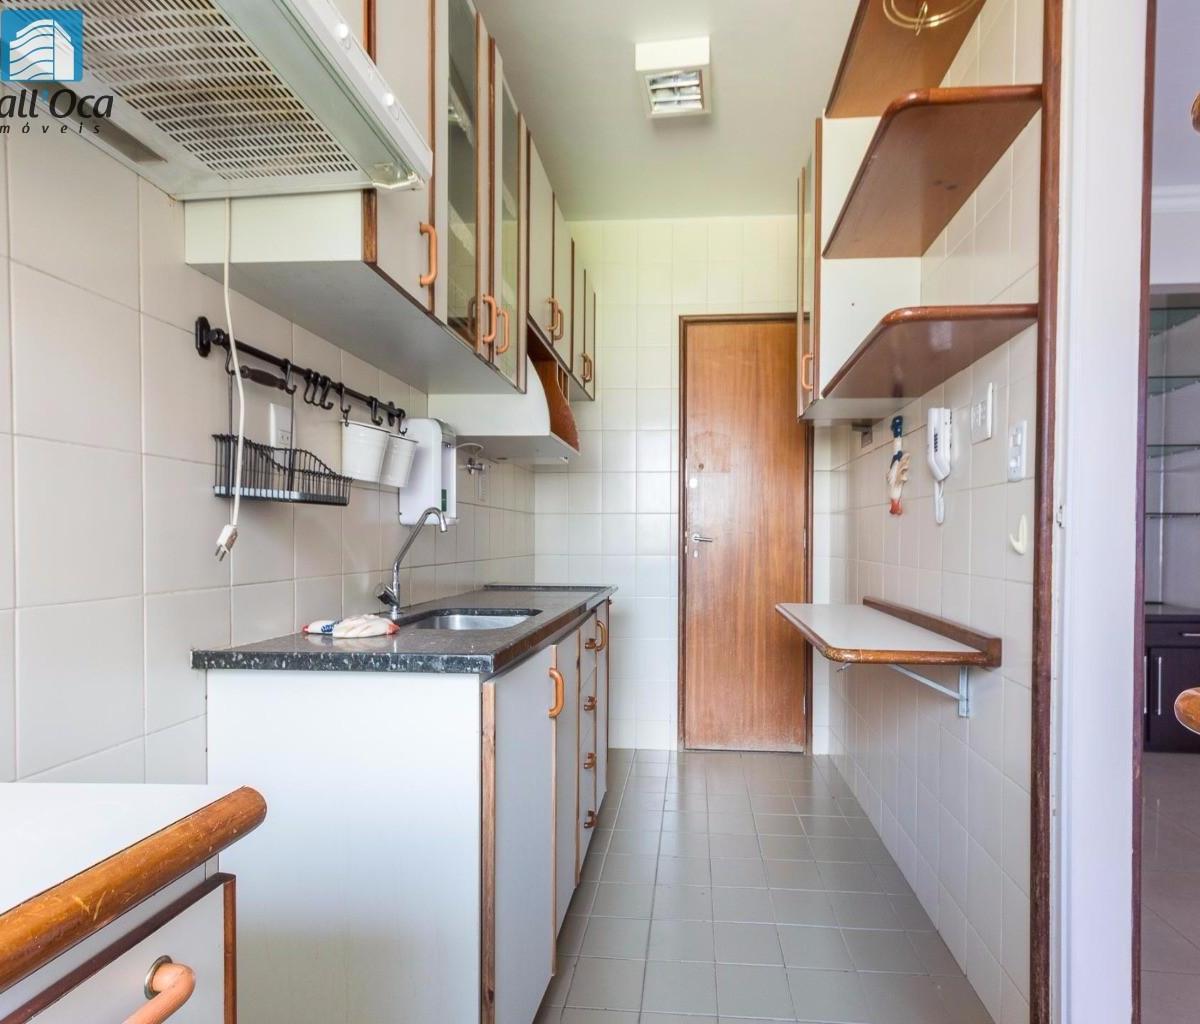 Imagens de #9B5F30 Apartamento para aluguel com 2 Quartos Asa Norte Brasília R$ 2  1200x1024 px 3096 Box Banheiro Asa Norte